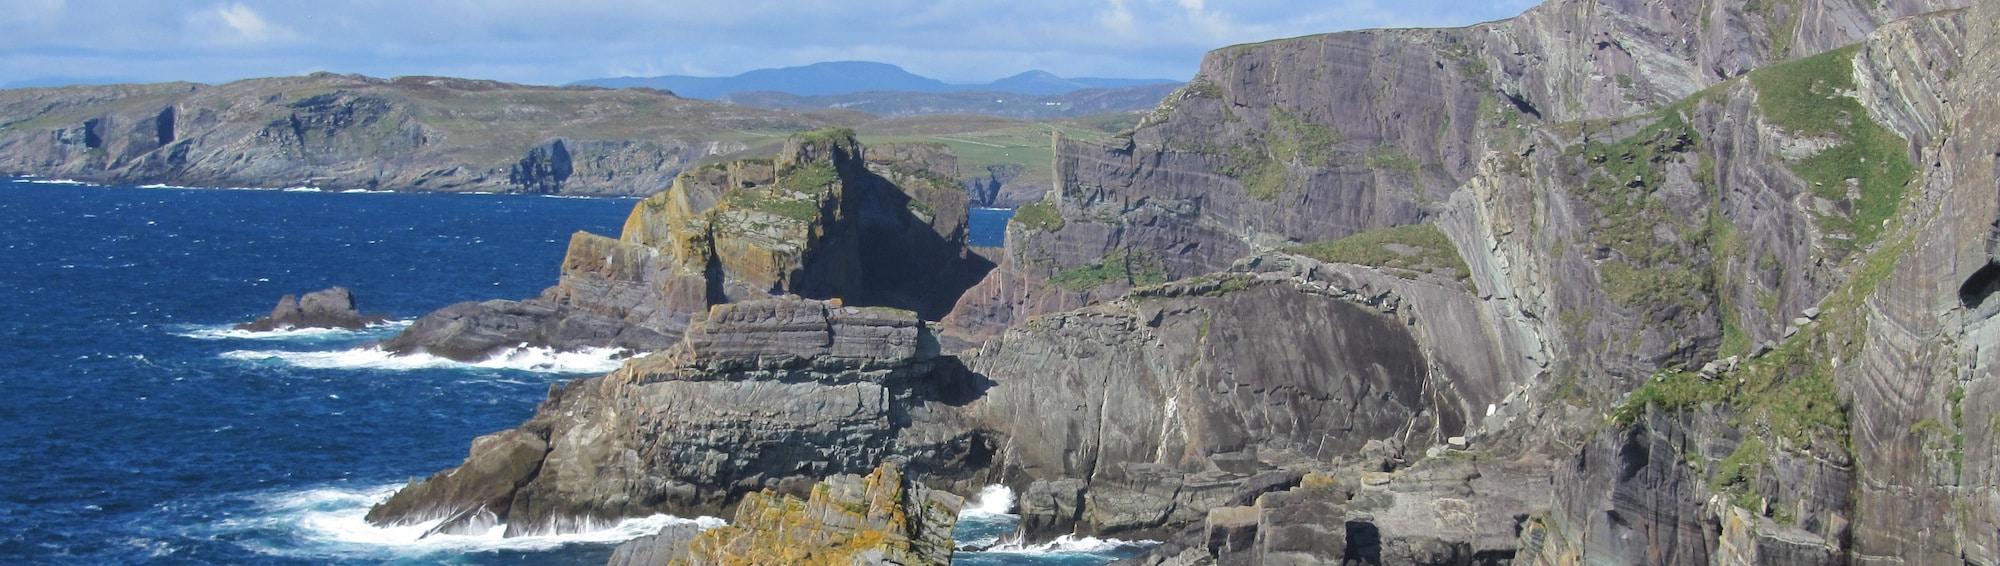 Irland Wandern Mizen Head